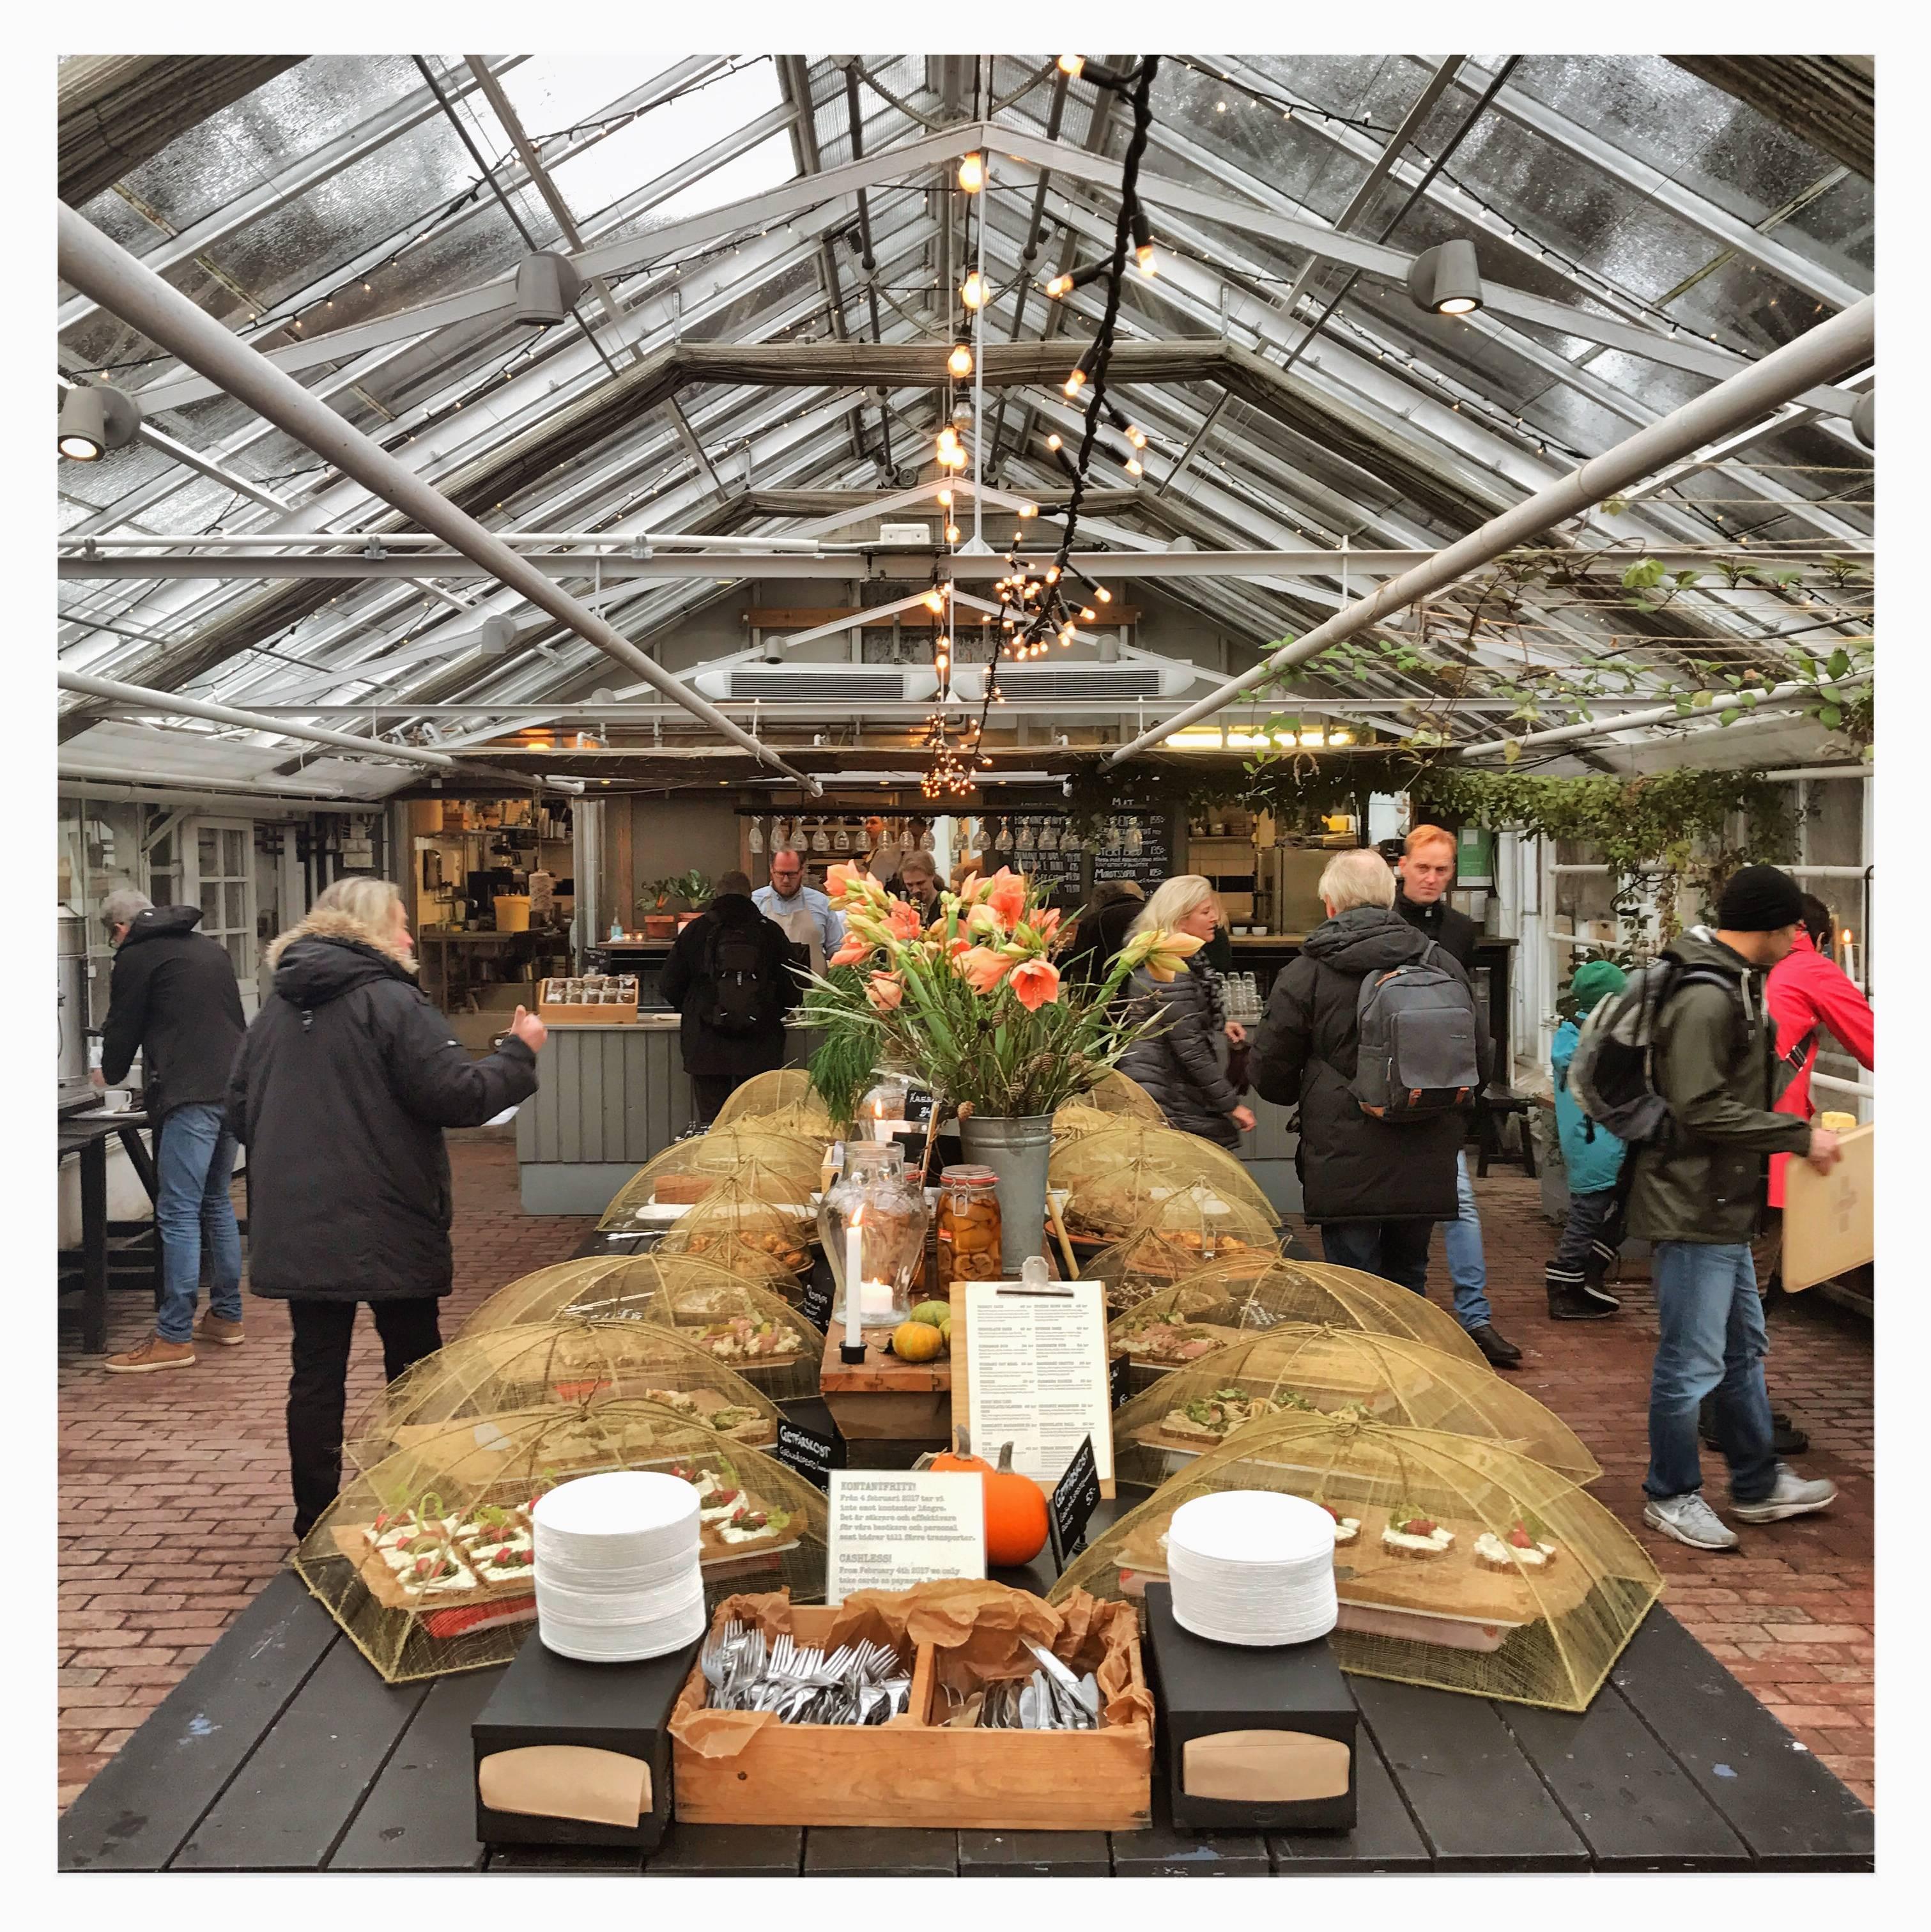 Photo 1: Manger un kanelbullar au Rosendals Trädgård café.